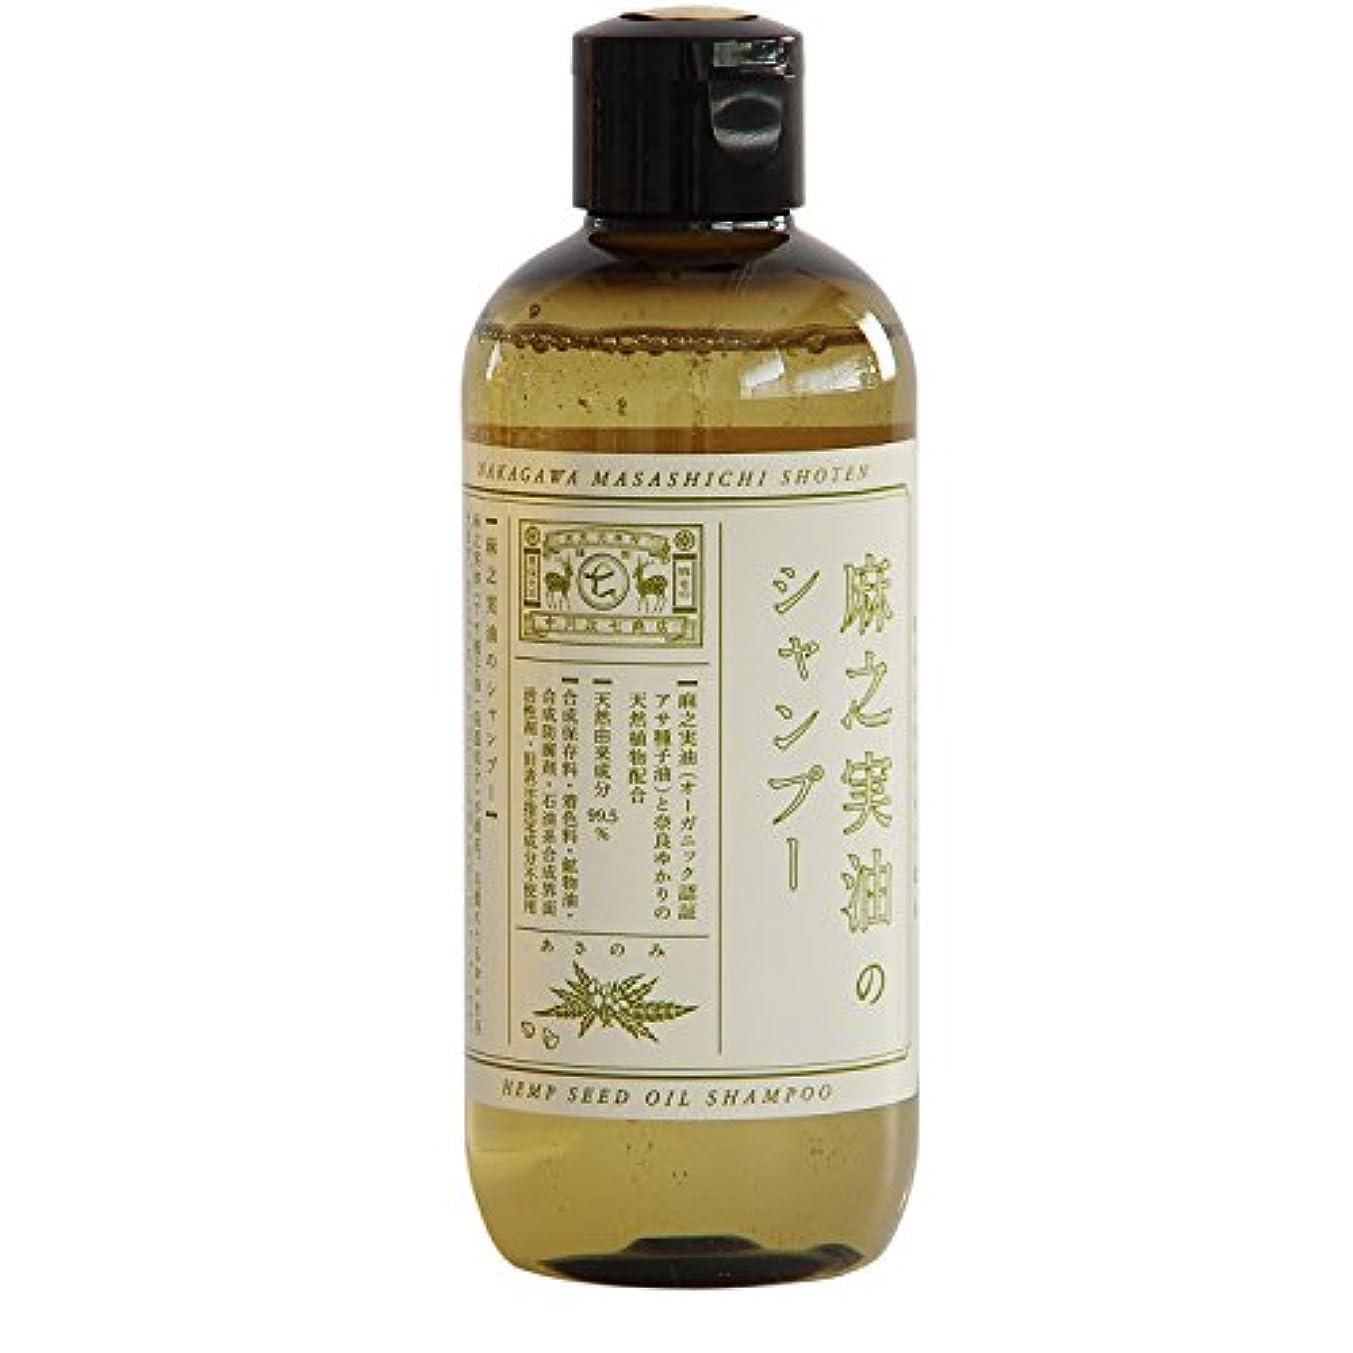 浴室ちっちゃい西中川政七商店 麻之実油のシャンプー 250ml